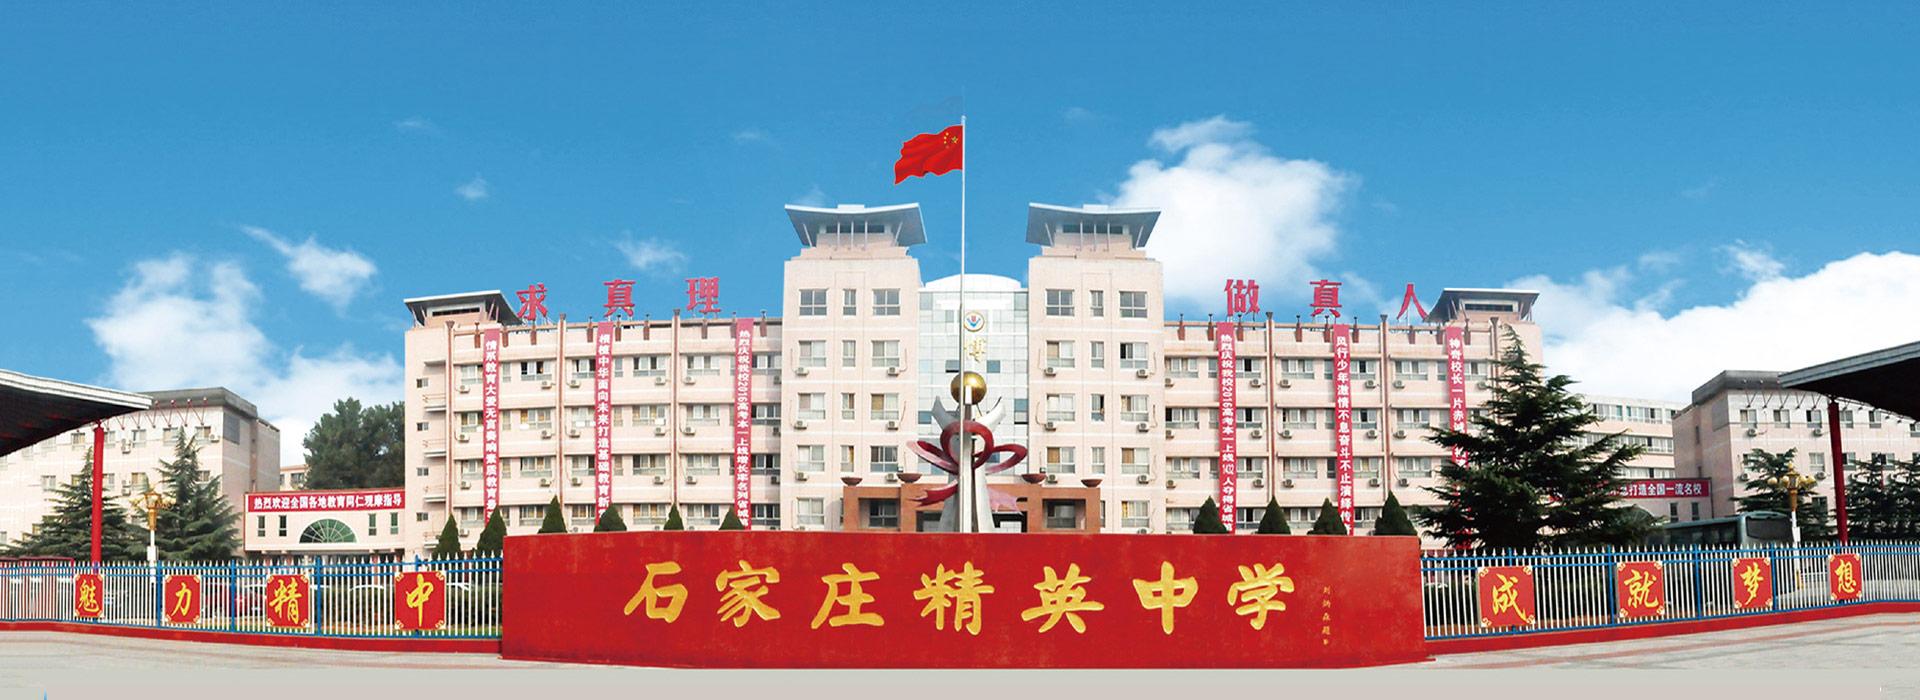 中国高中教育50强<br />清华大学生源中学